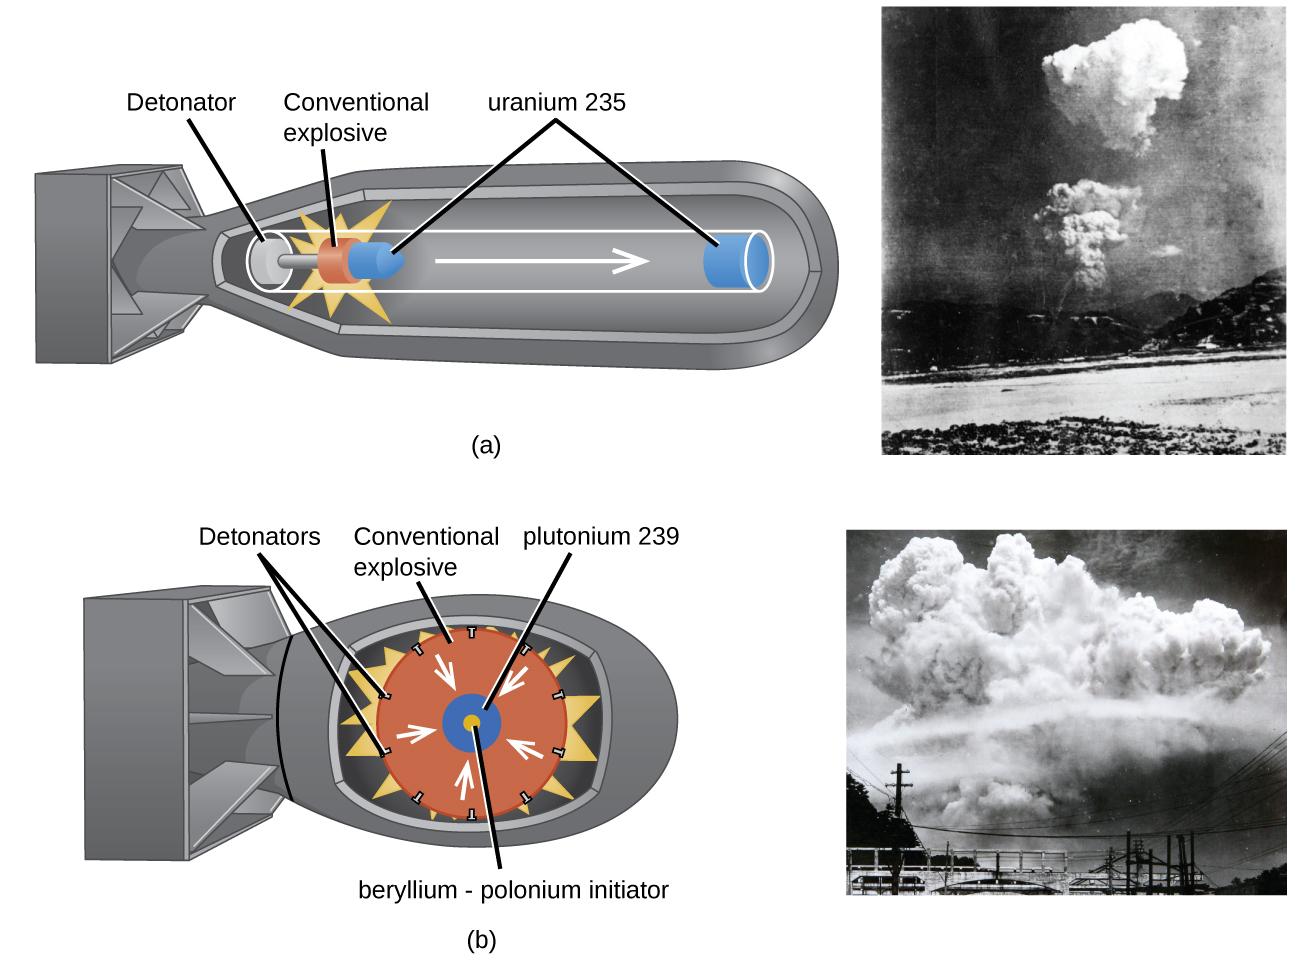 原子弹、氢弹、三相弹,核武器威力排行榜,哪